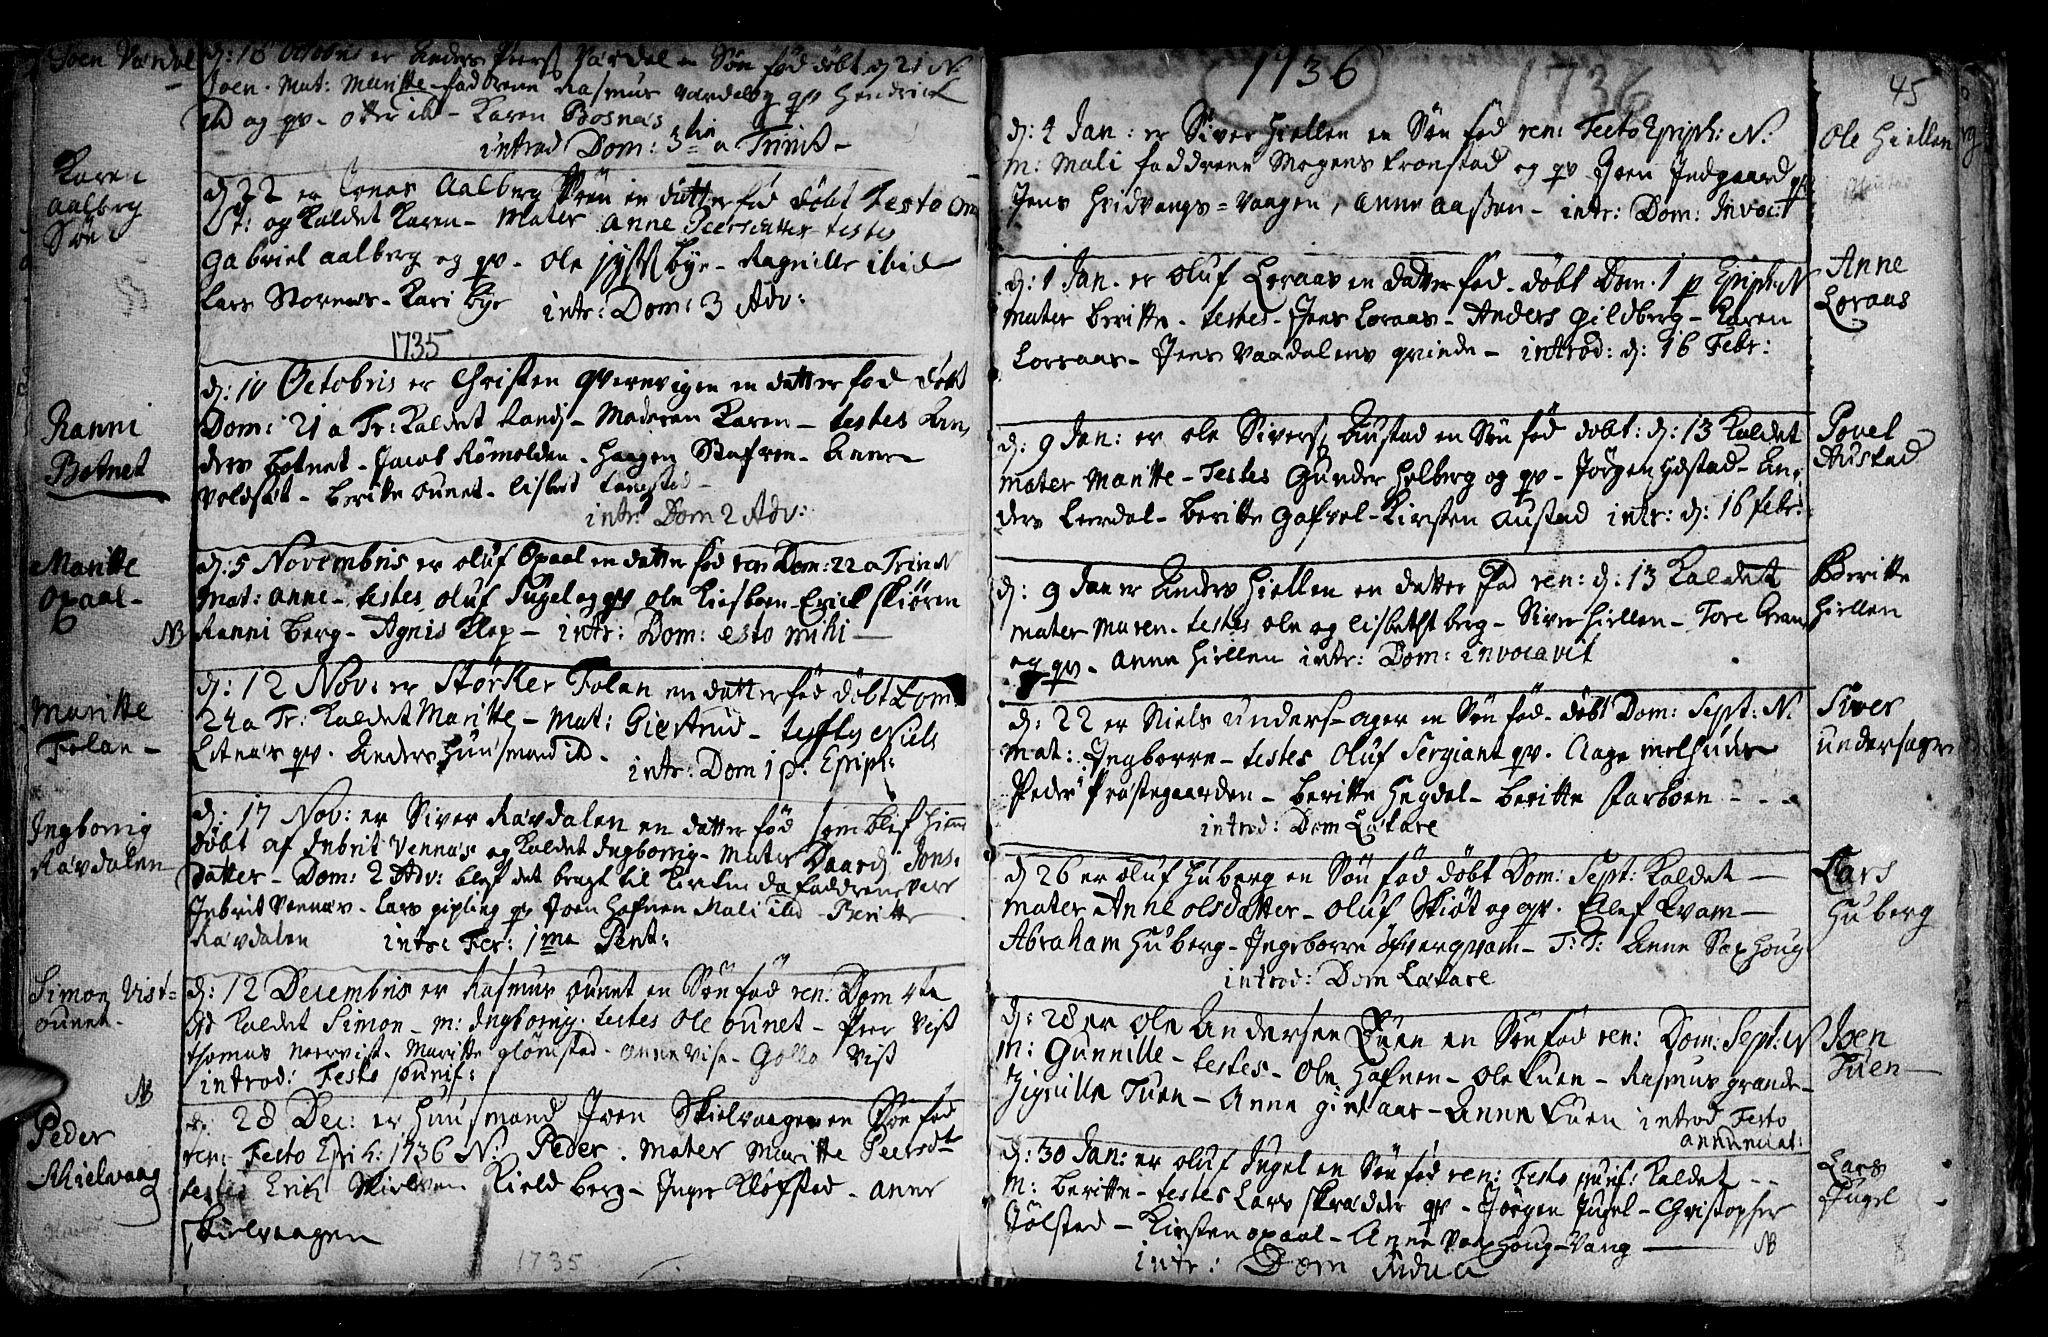 SAT, Ministerialprotokoller, klokkerbøker og fødselsregistre - Nord-Trøndelag, 730/L0272: Ministerialbok nr. 730A01, 1733-1764, s. 45